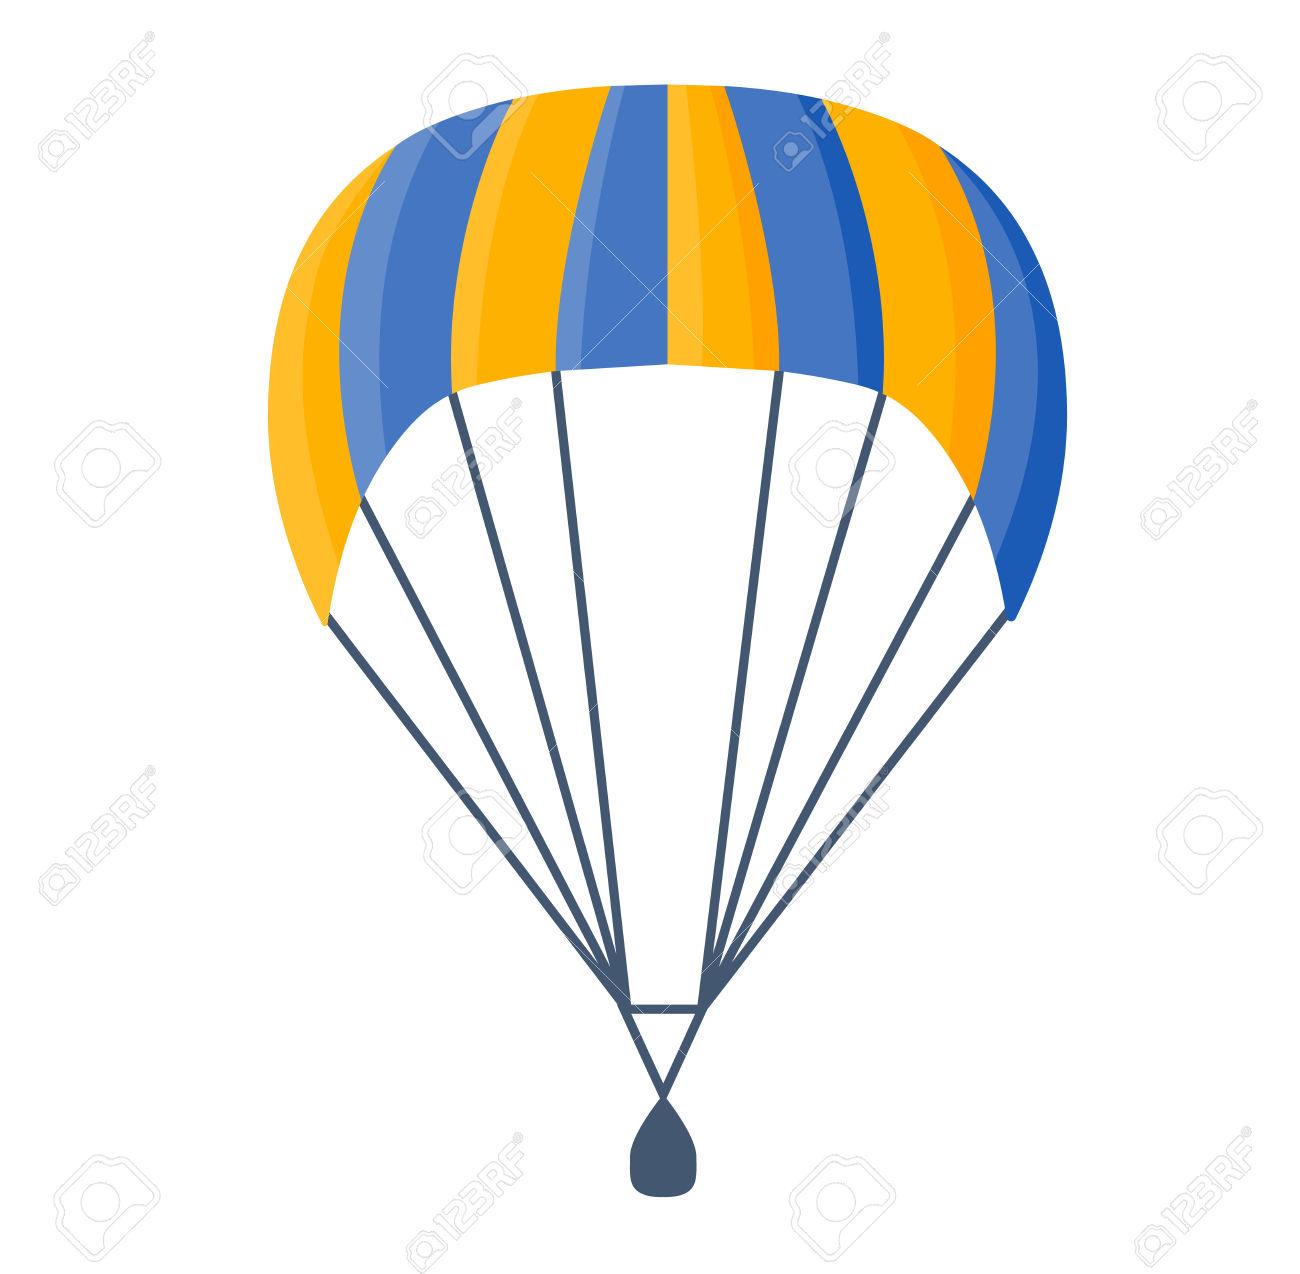 cartoon clipart parachute - photo #5